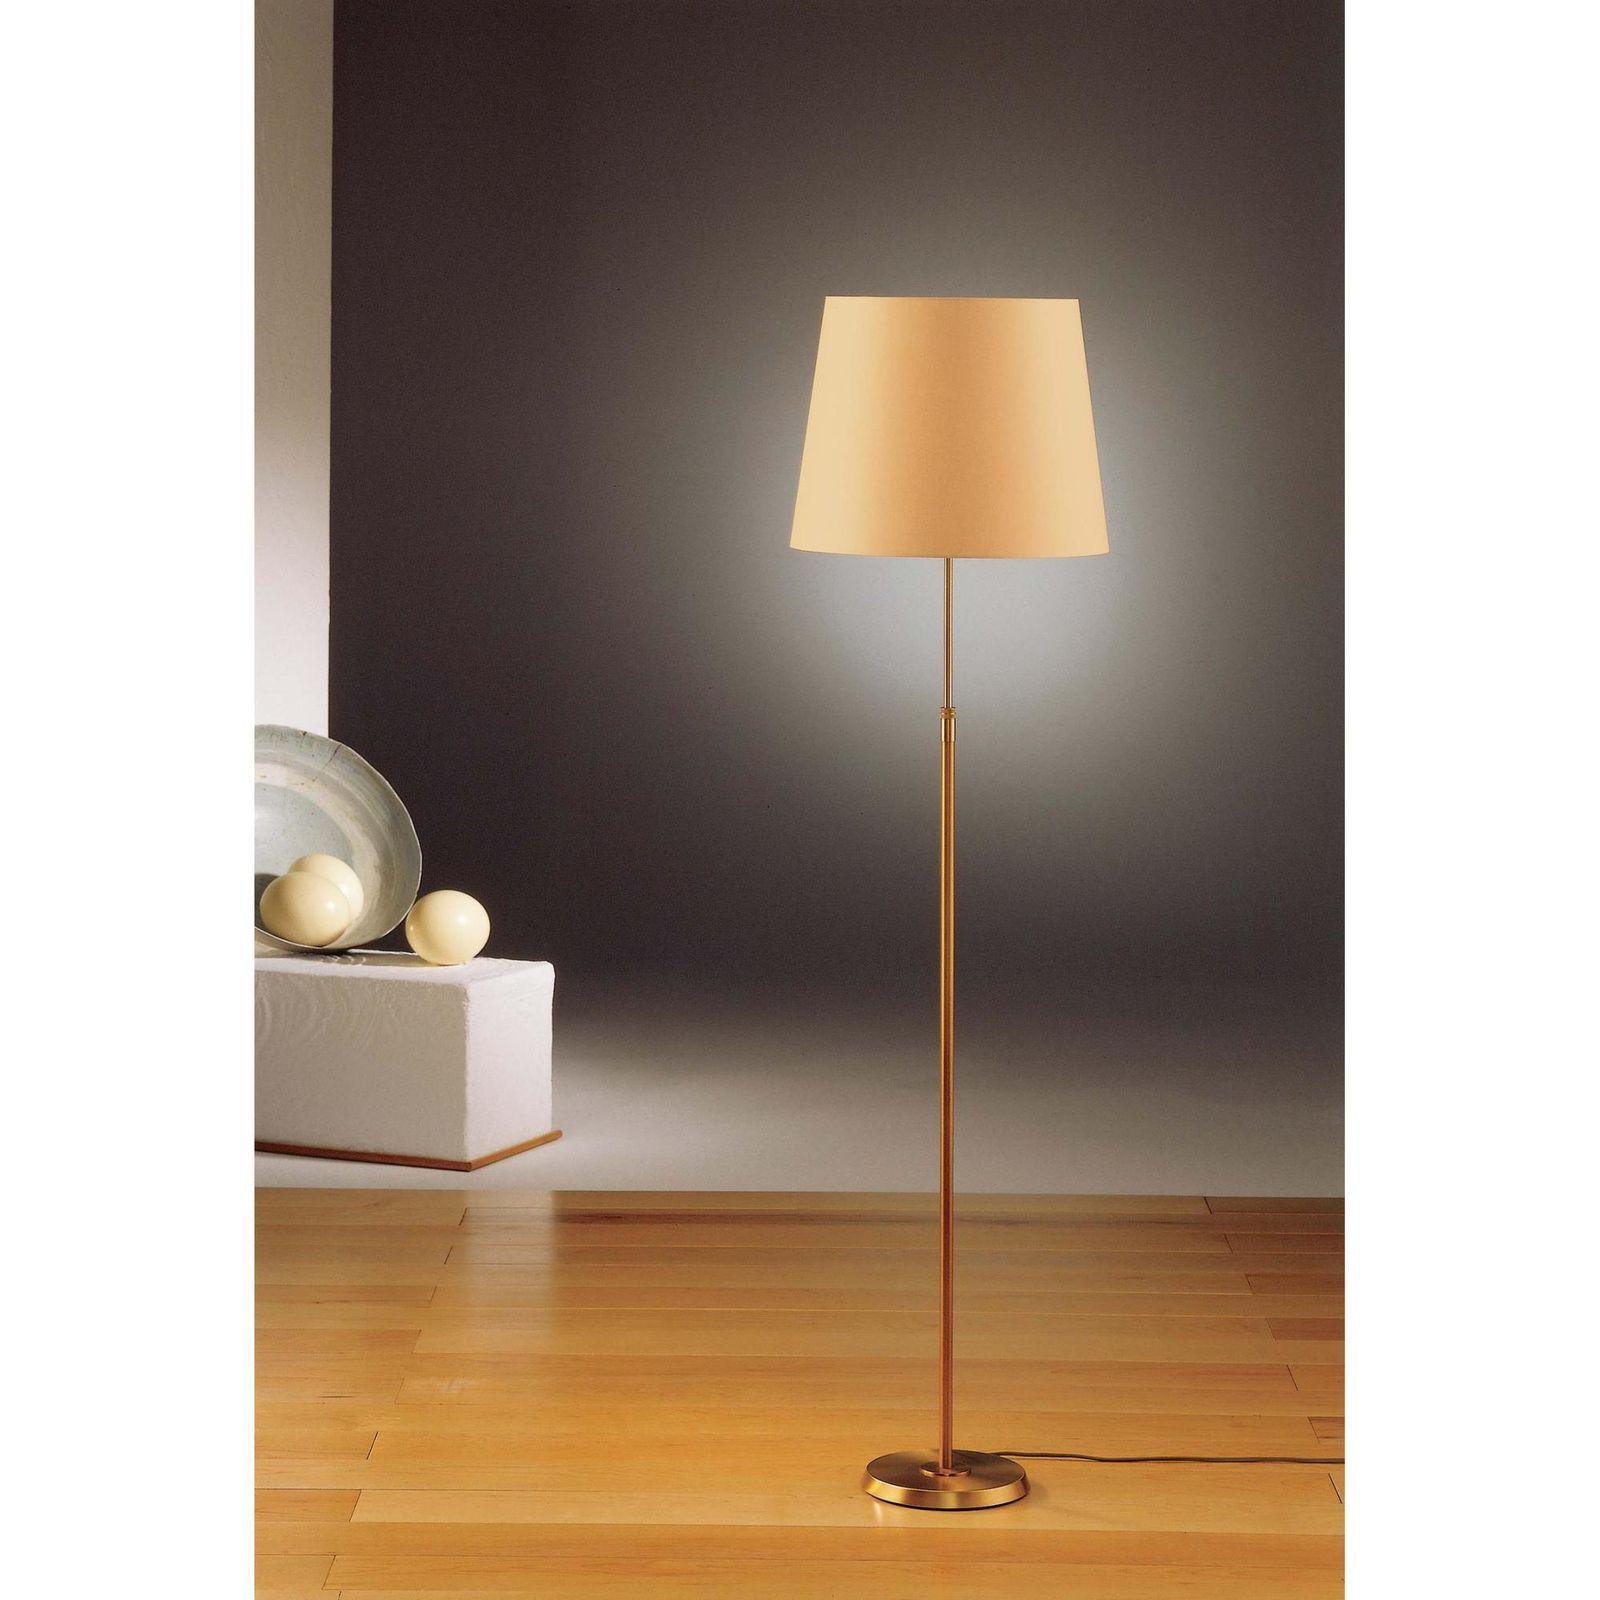 49 Inch Floor Lamp Capitol Lighting Adjustable floor